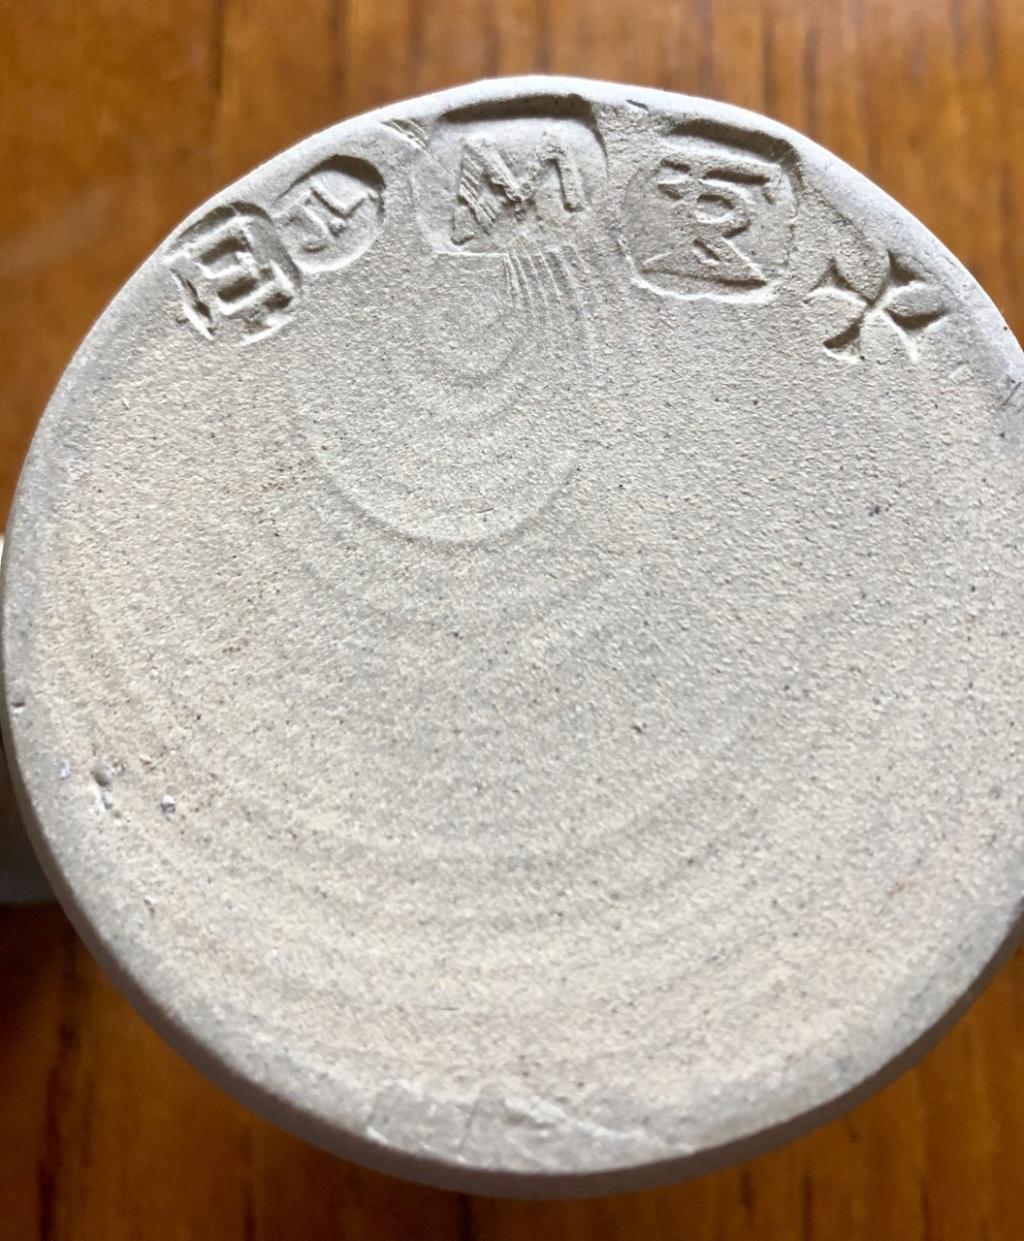 Jeremy Leach vase stamps L210